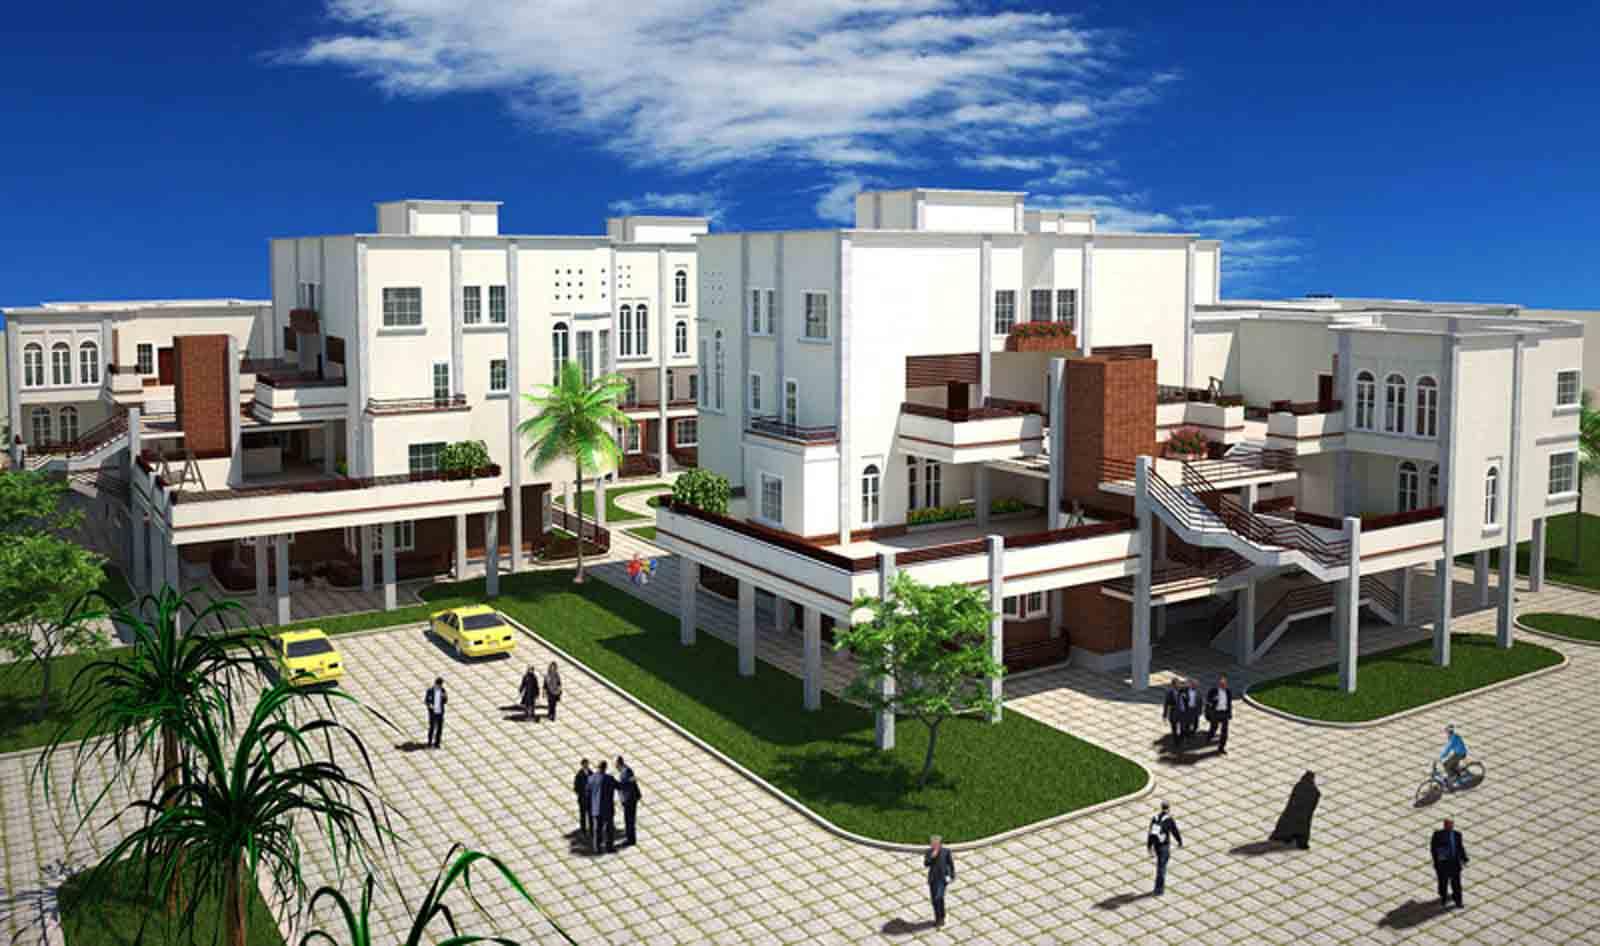 شهرک مسکونی هزار واحدی سازمان منطقه ویژه اقتصادی انرژی پارس